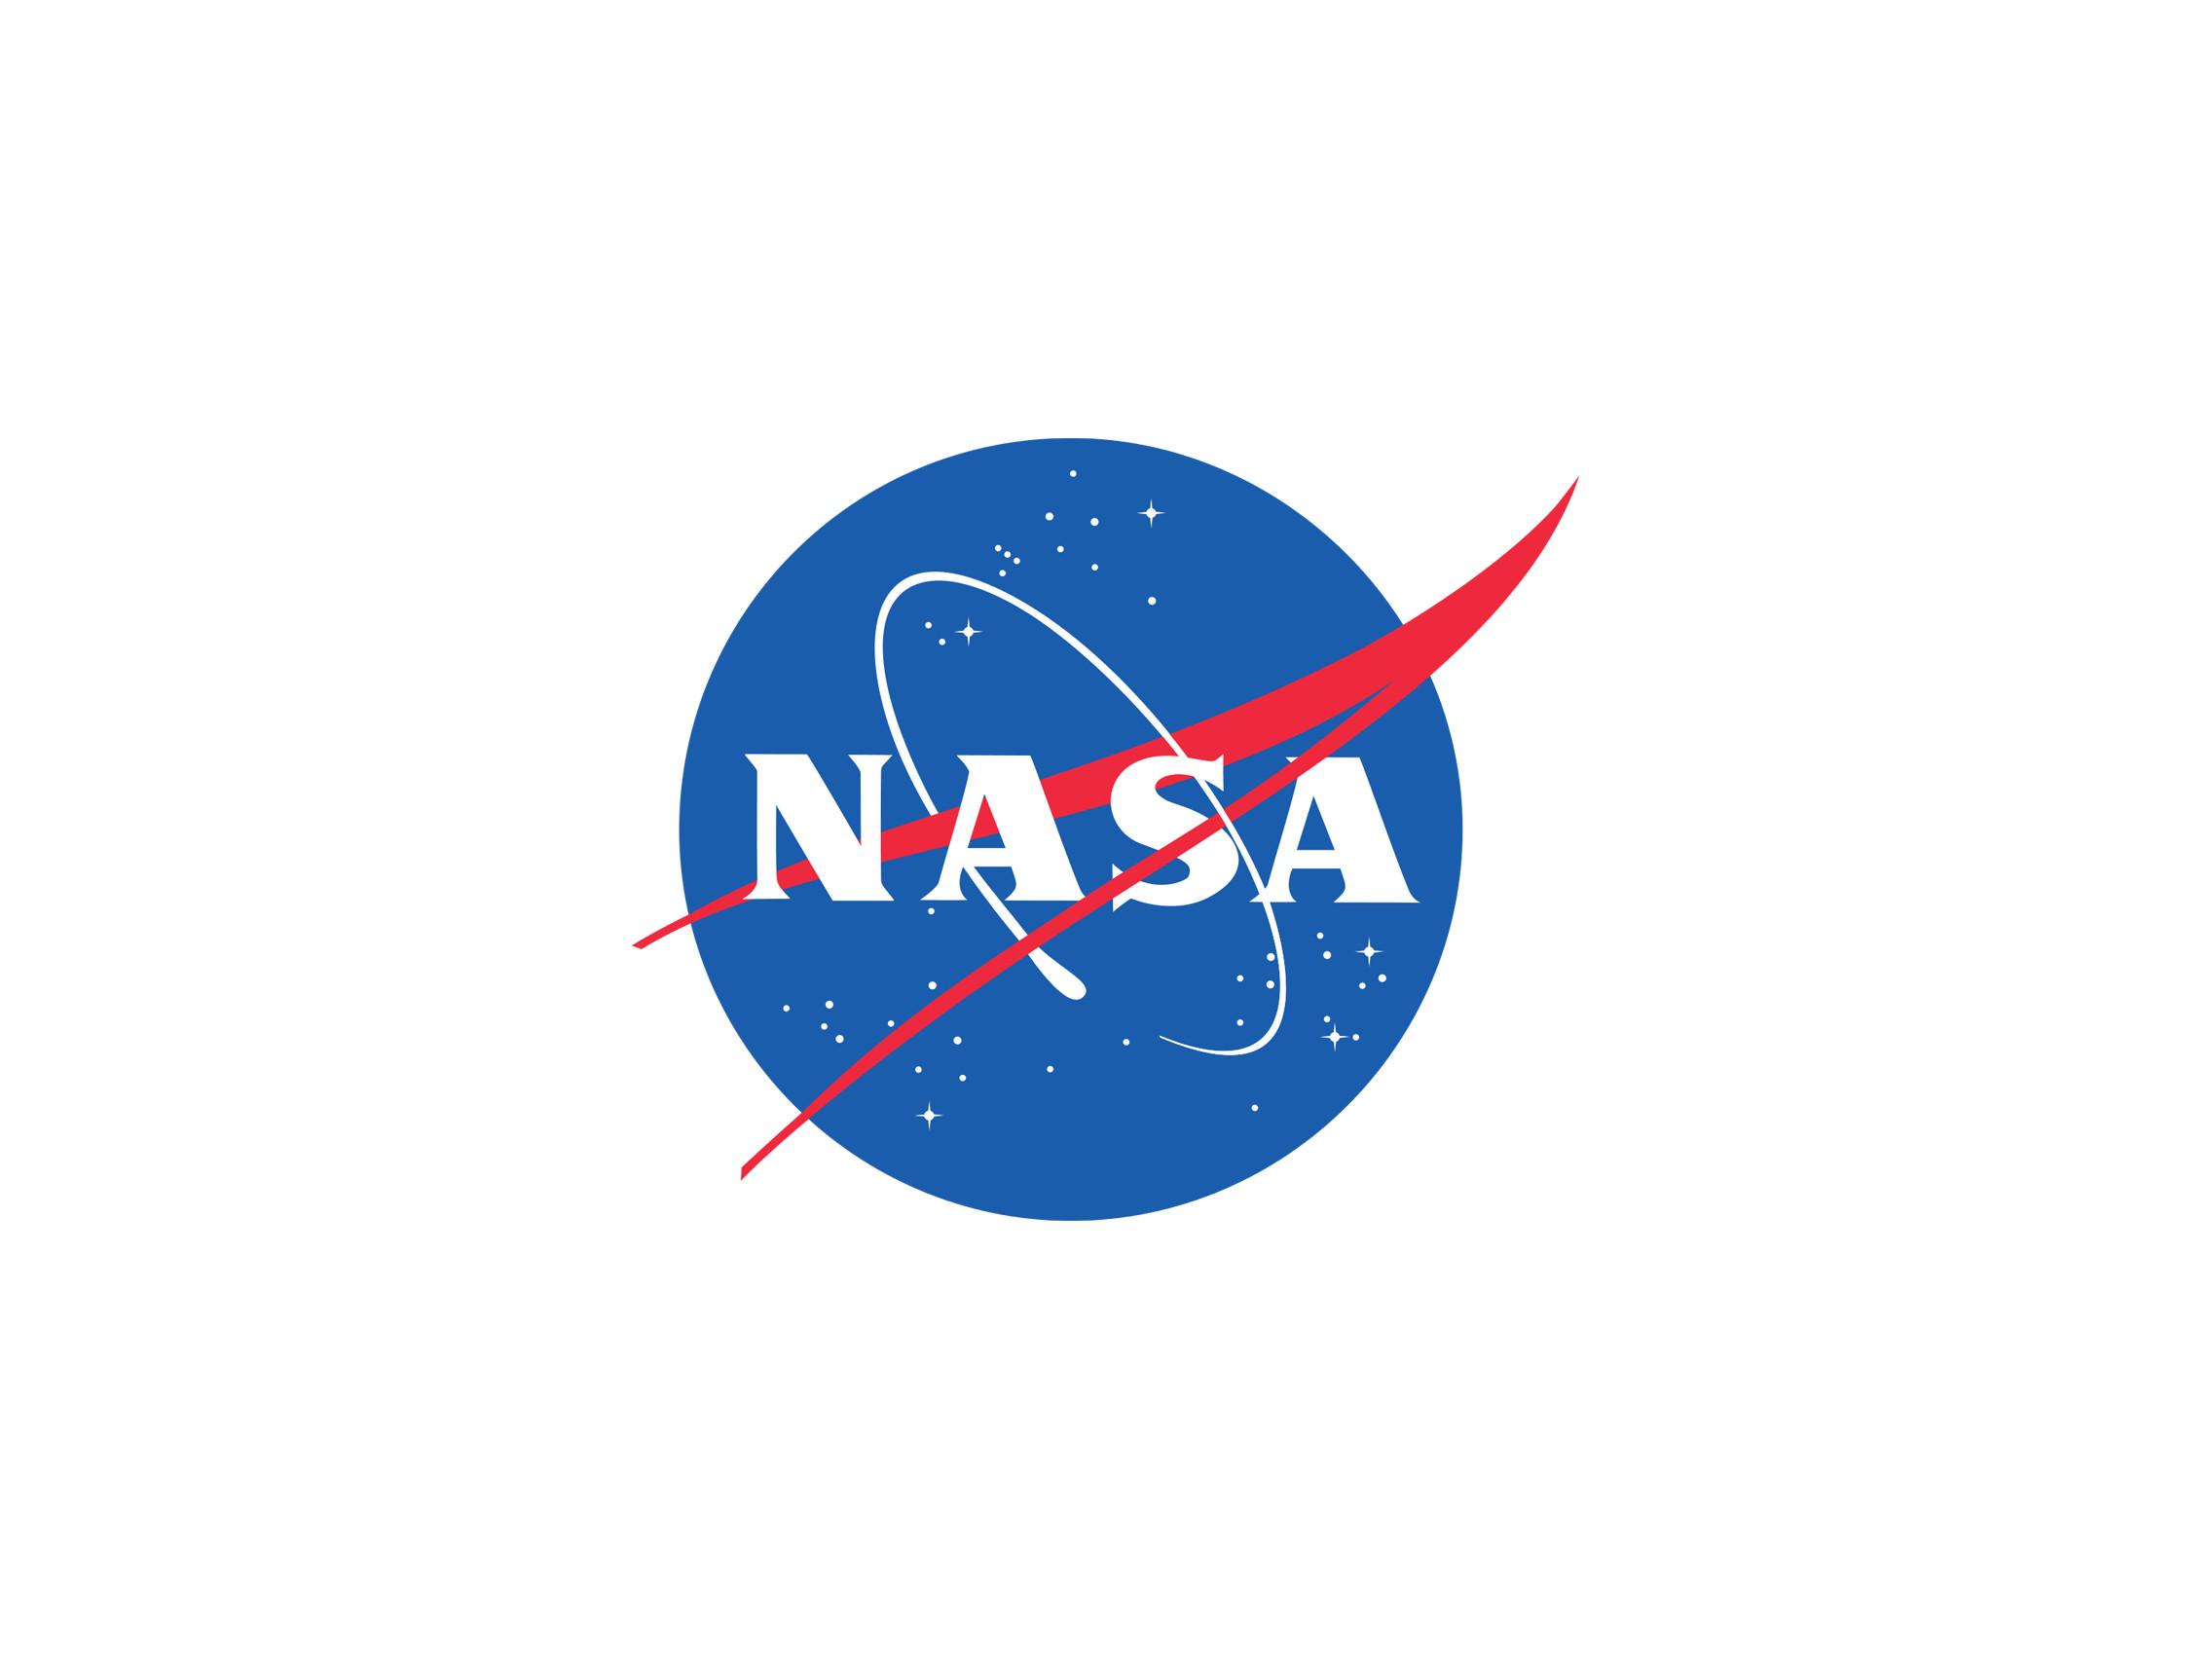 official nasa logo - HD